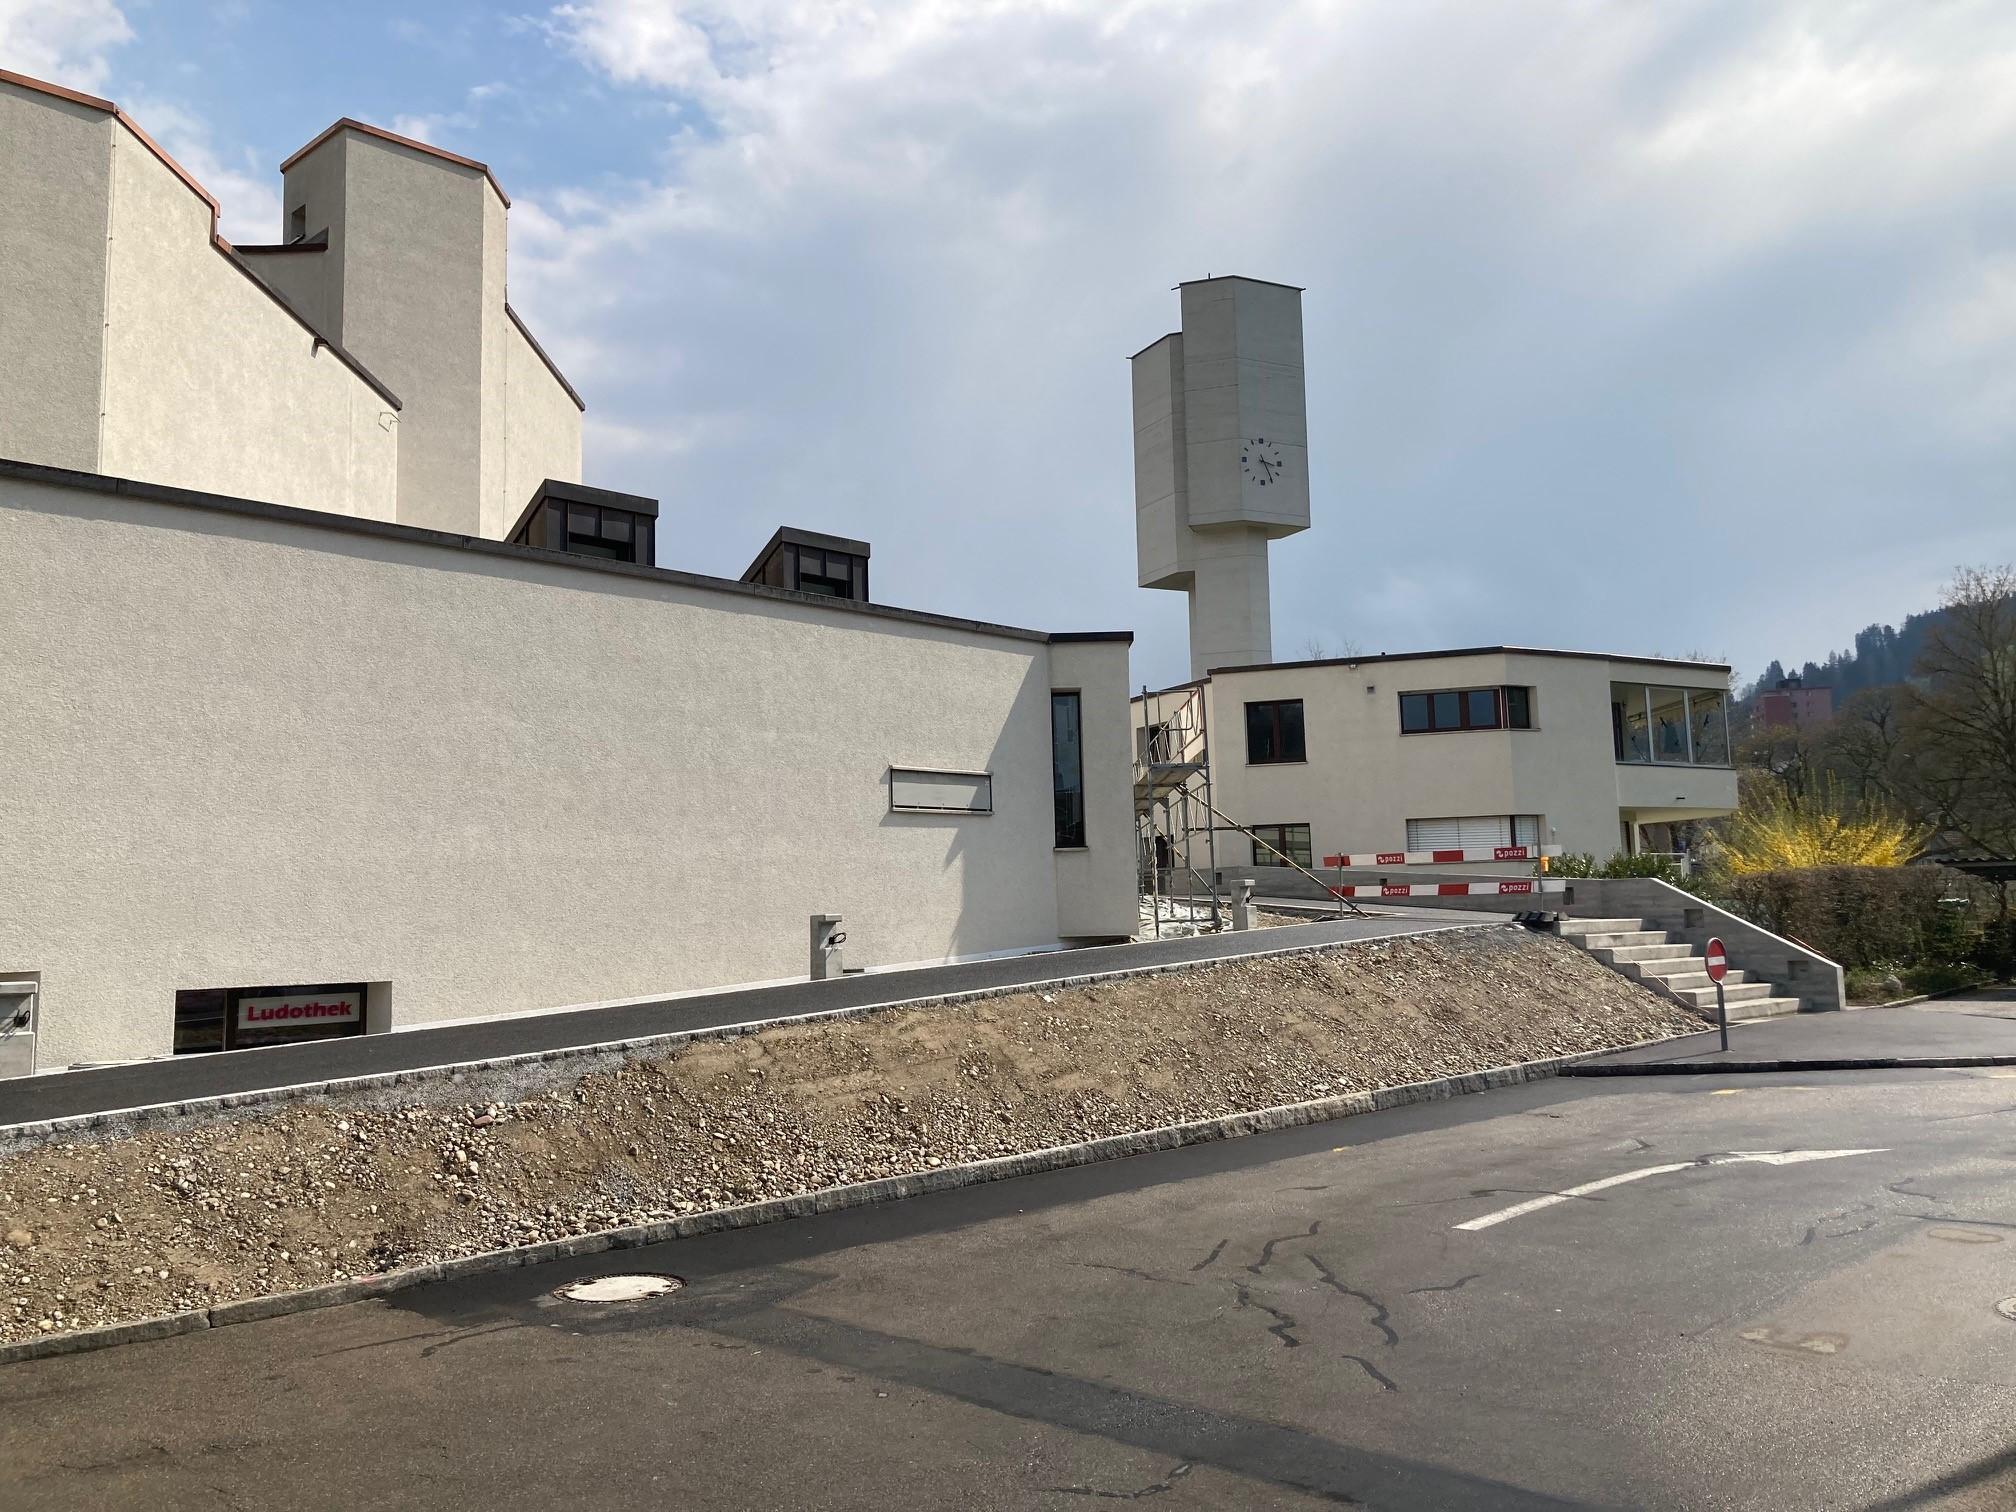 Die neue Kirchenrampe beim Gemeindehaus Parkplatz kann benutzt werden.